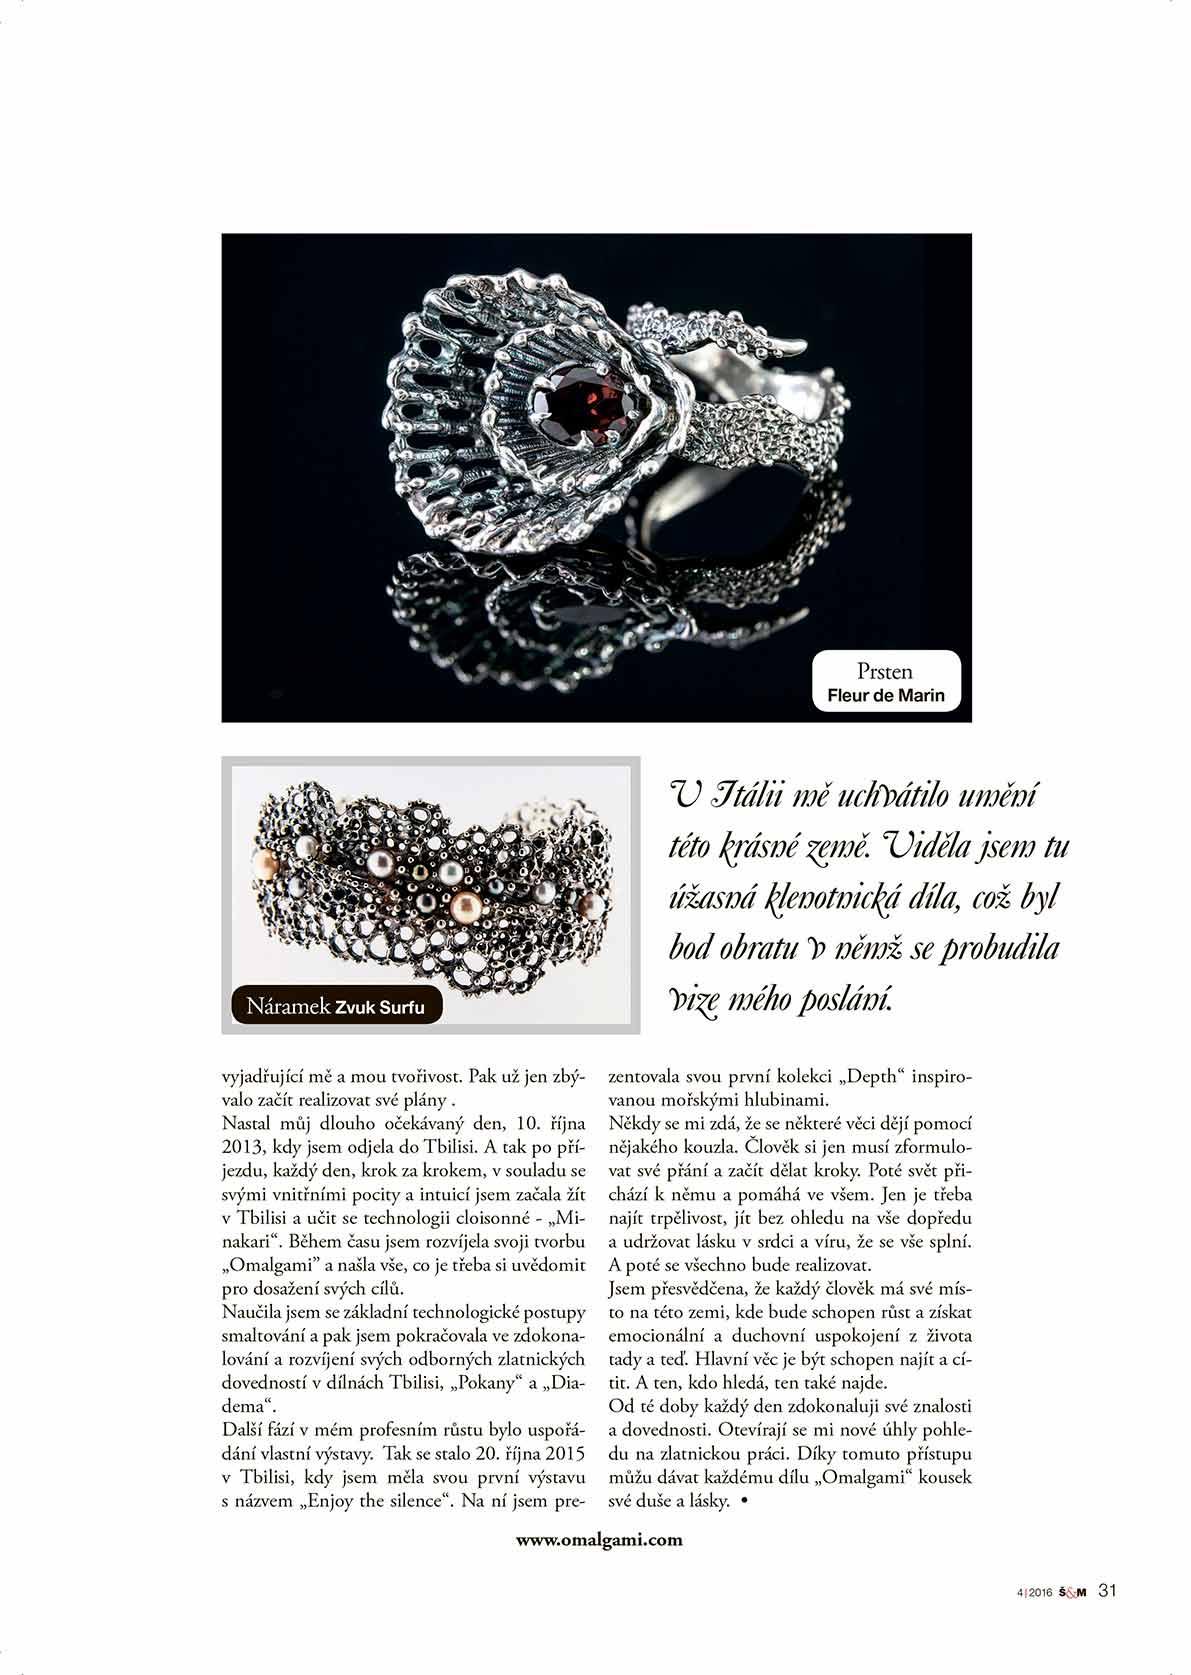 Sperk&Moda_04_2016_Omalgami-Olga-Beleacova-jeweler-Exclusive-Jewelry-Silver-gold